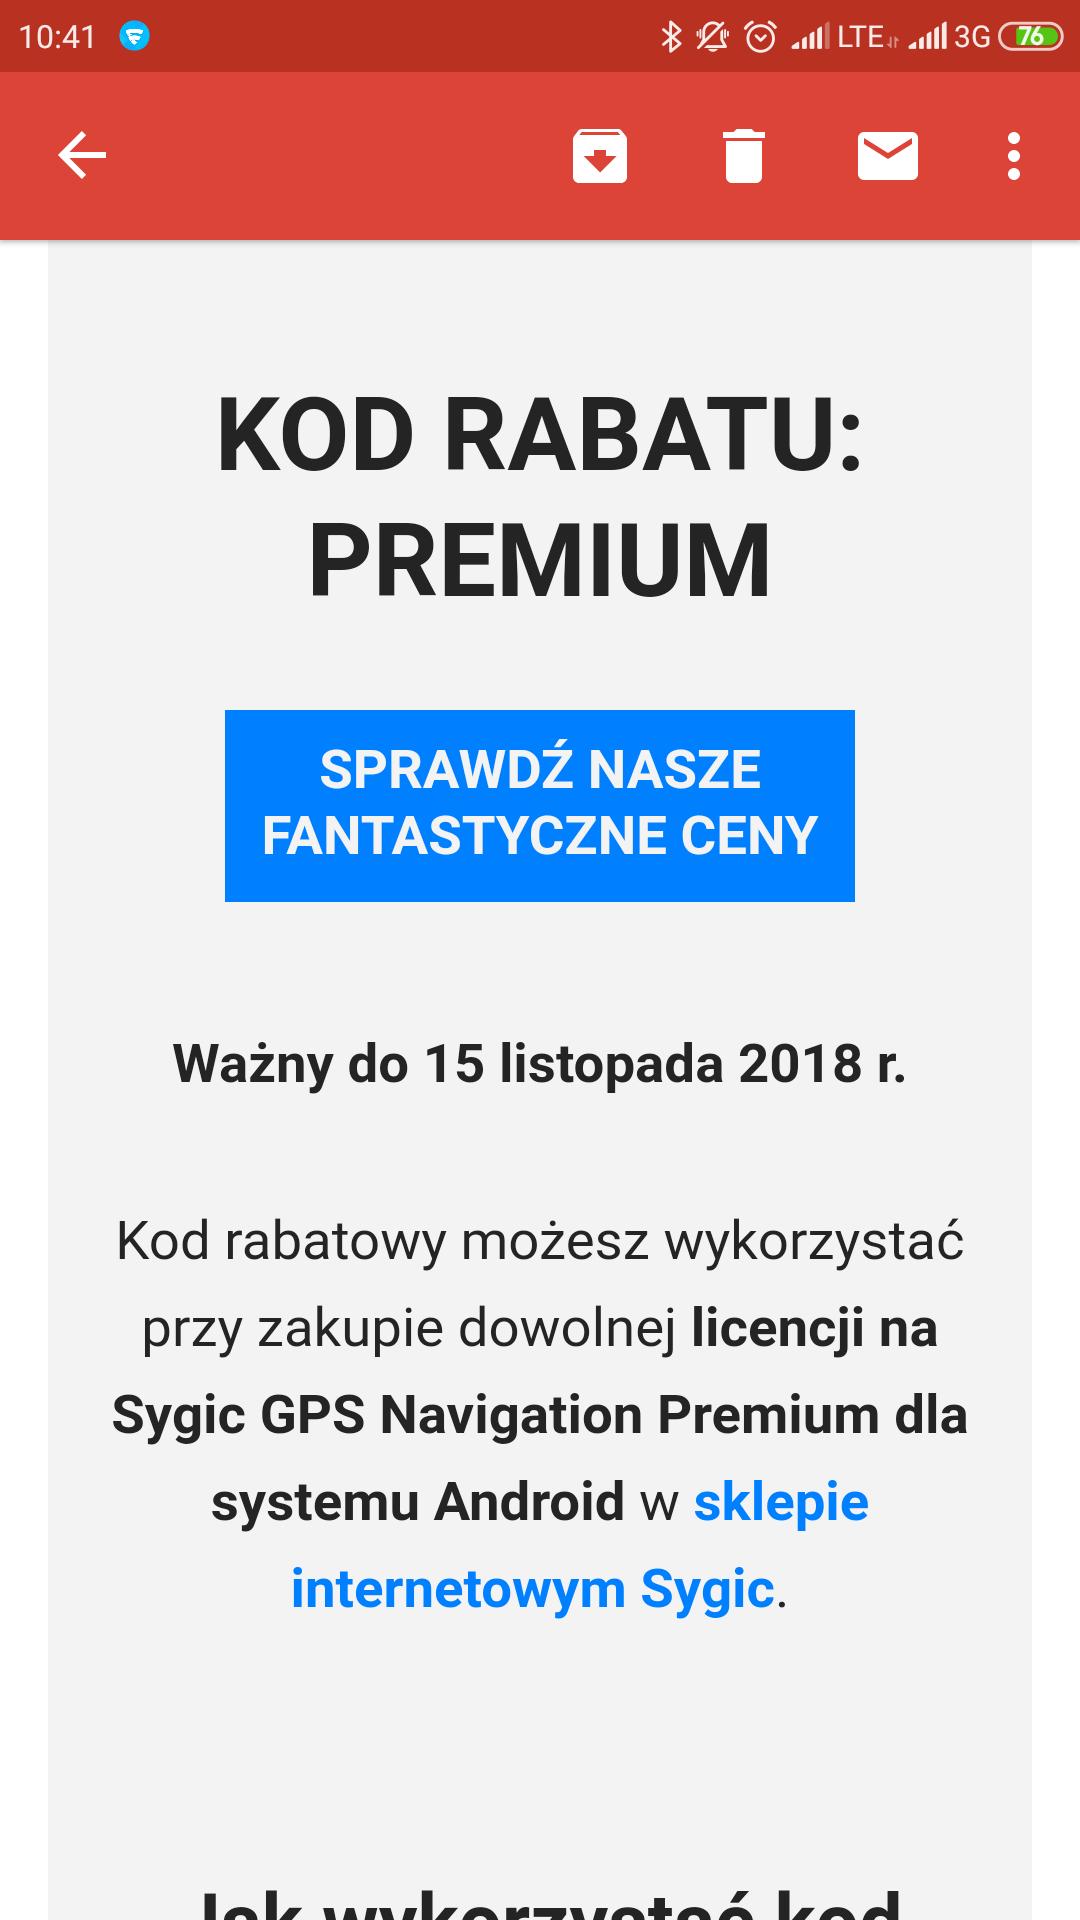 Specjalny rabat -15% na nawigację Sygic Android